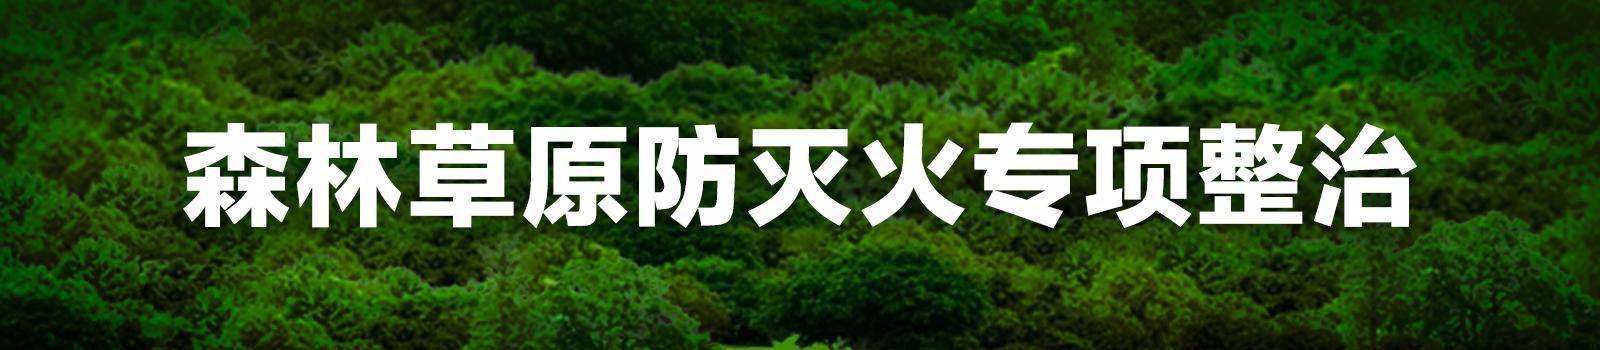 四川:推进森林草原防灭火专项整治